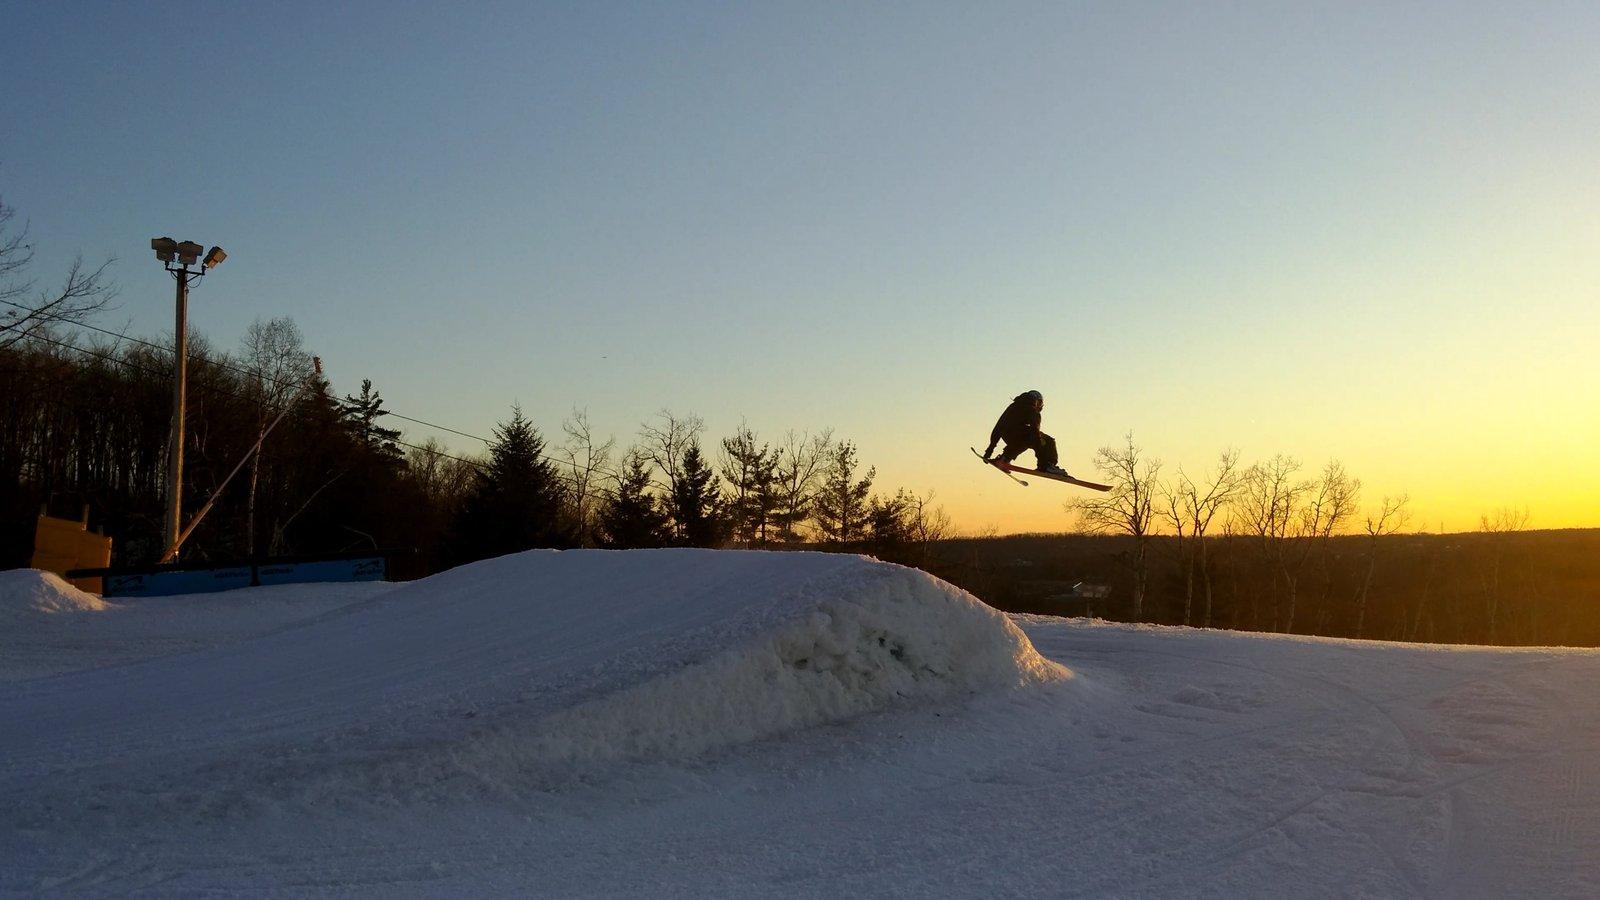 Skiing at sun set